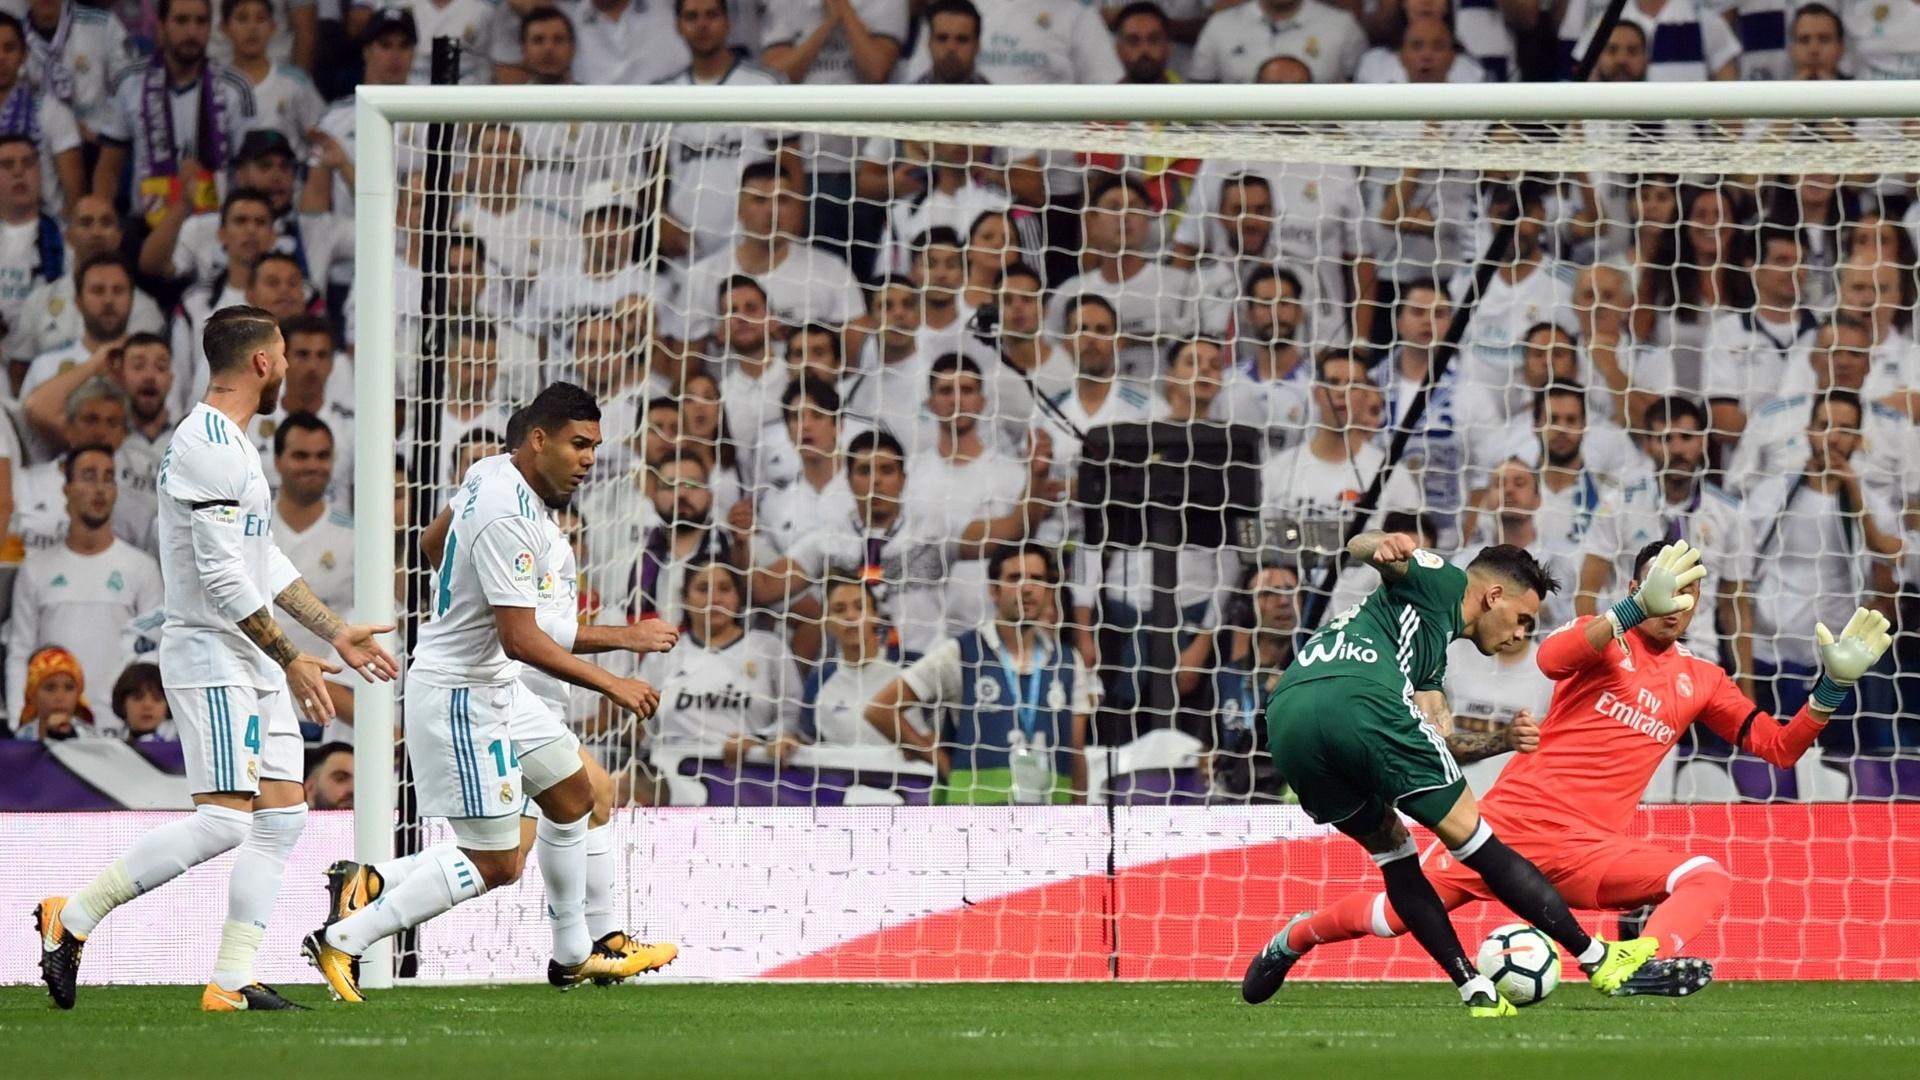 Sanabria chuta, supera Navas, mas Carvajal salva o Real Madrid